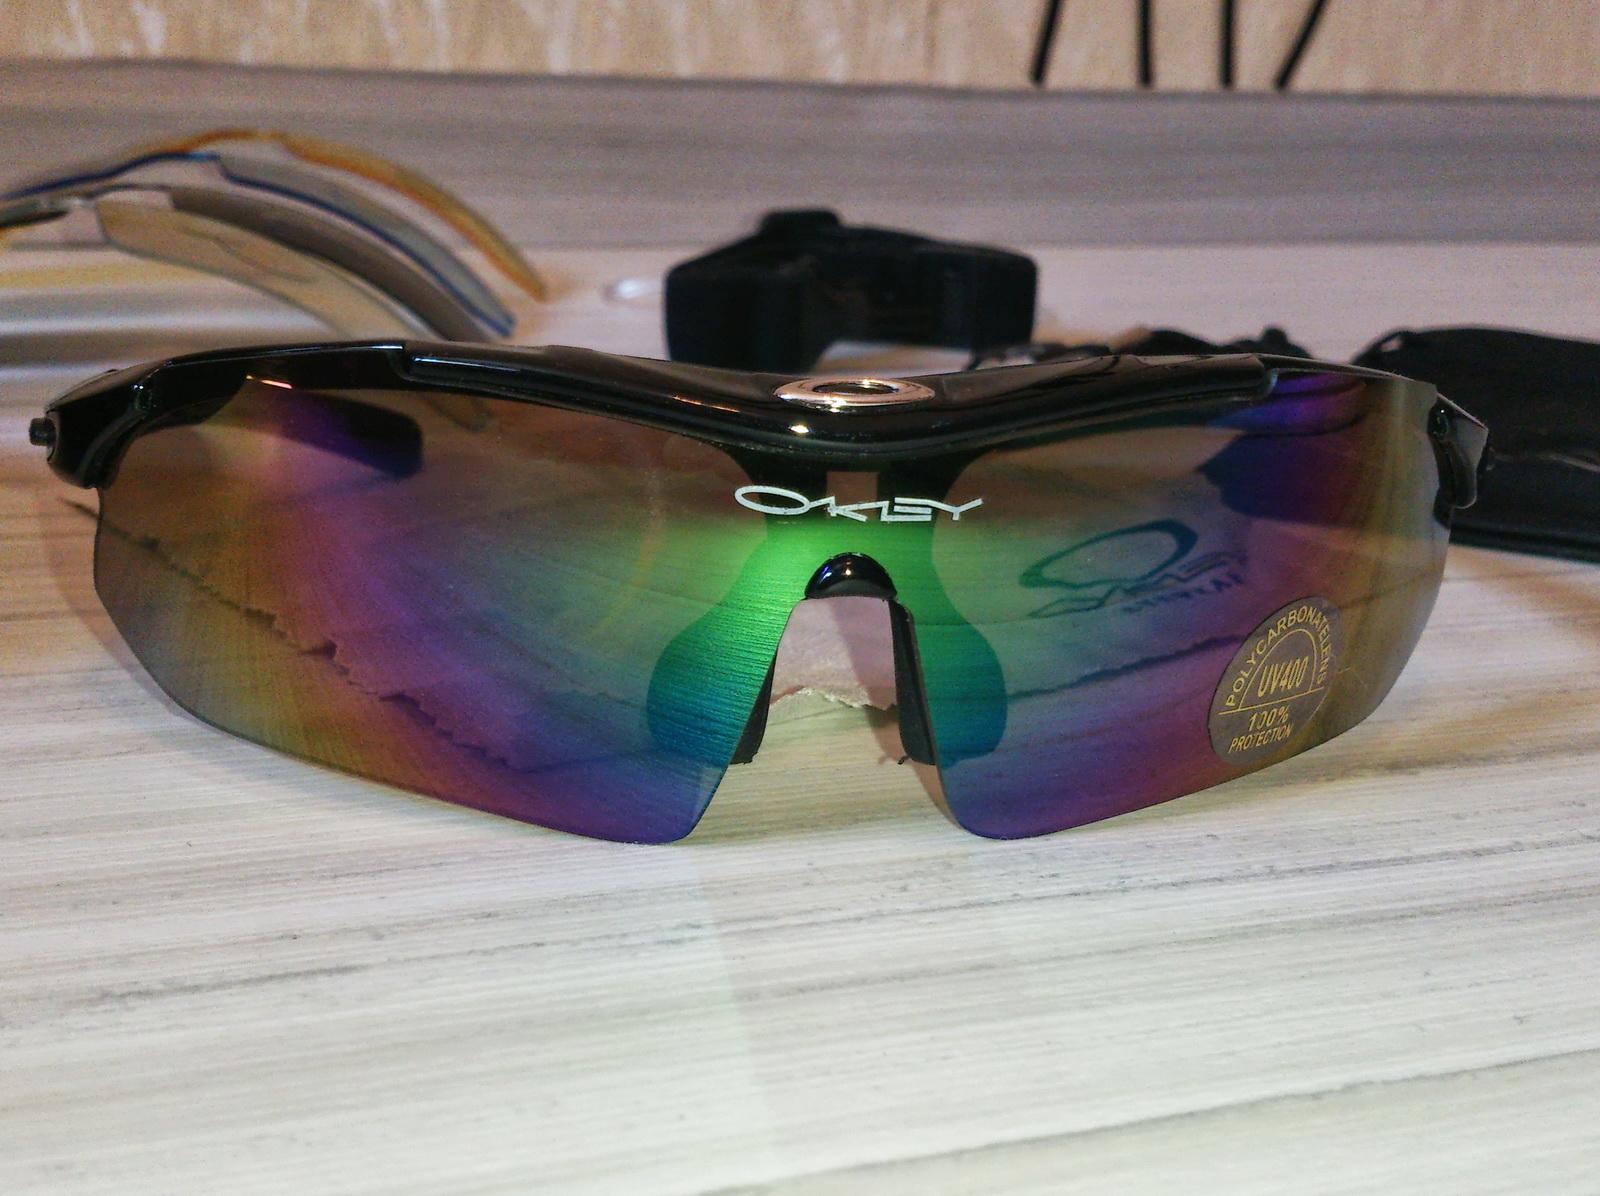 купить очки поляризационные для рыбалки в хабаровске